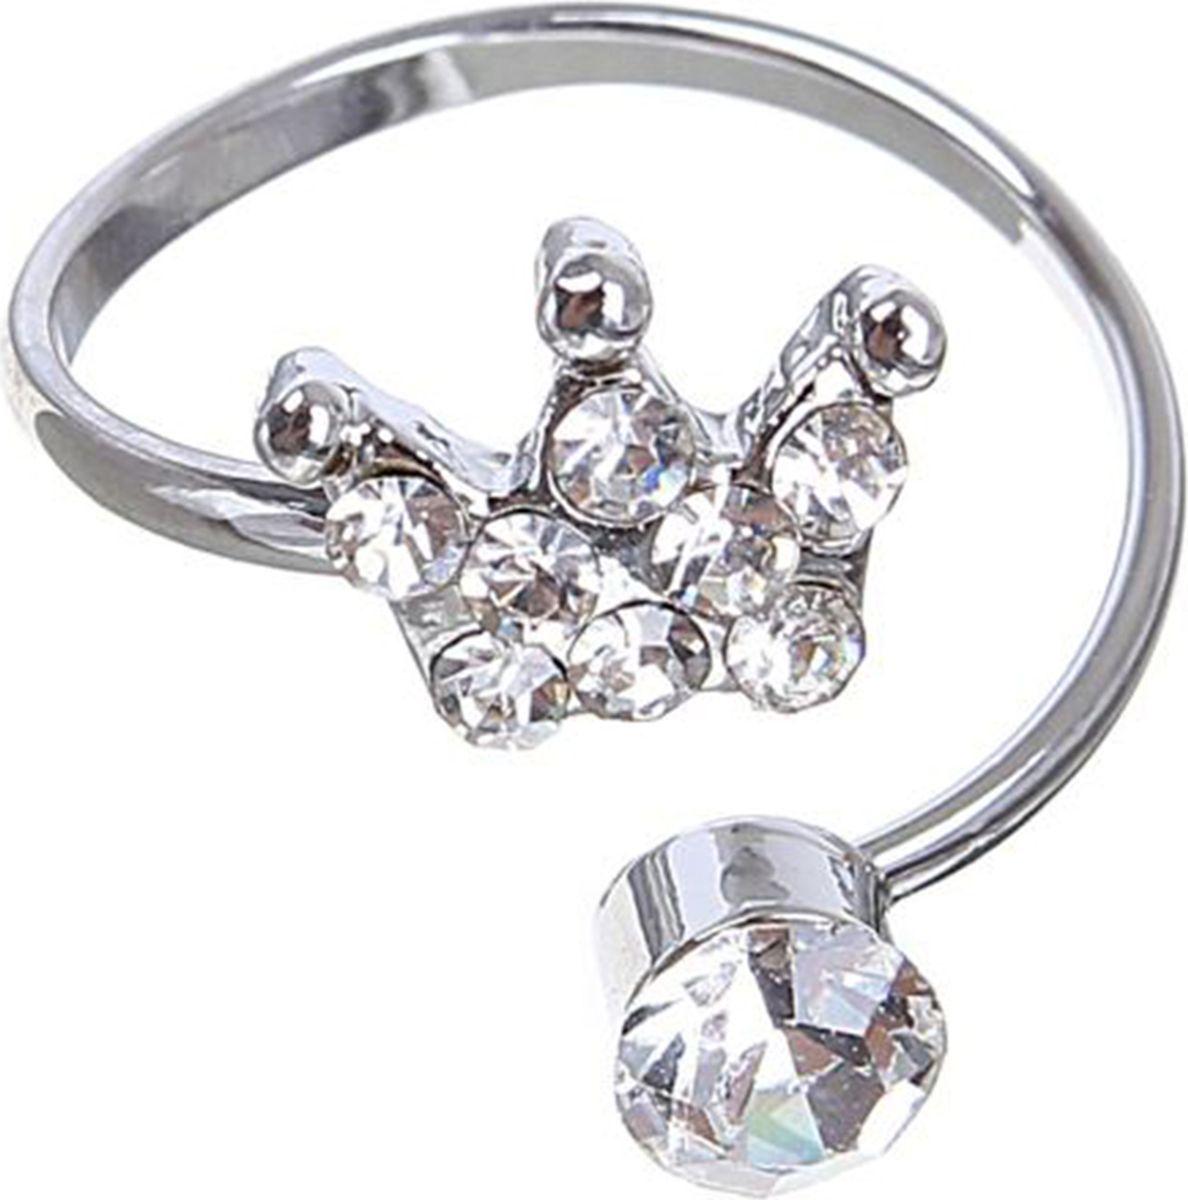 Кольцо Mitya Veselkov Корона, цвет: серебристый. 15033501503350Оригинальное кольцо Mitya Veselkov Корона изготовлено из гипоаллергенного бижутерного сплава. Изделие выполнено в виде короны с вкраплениями из страз.